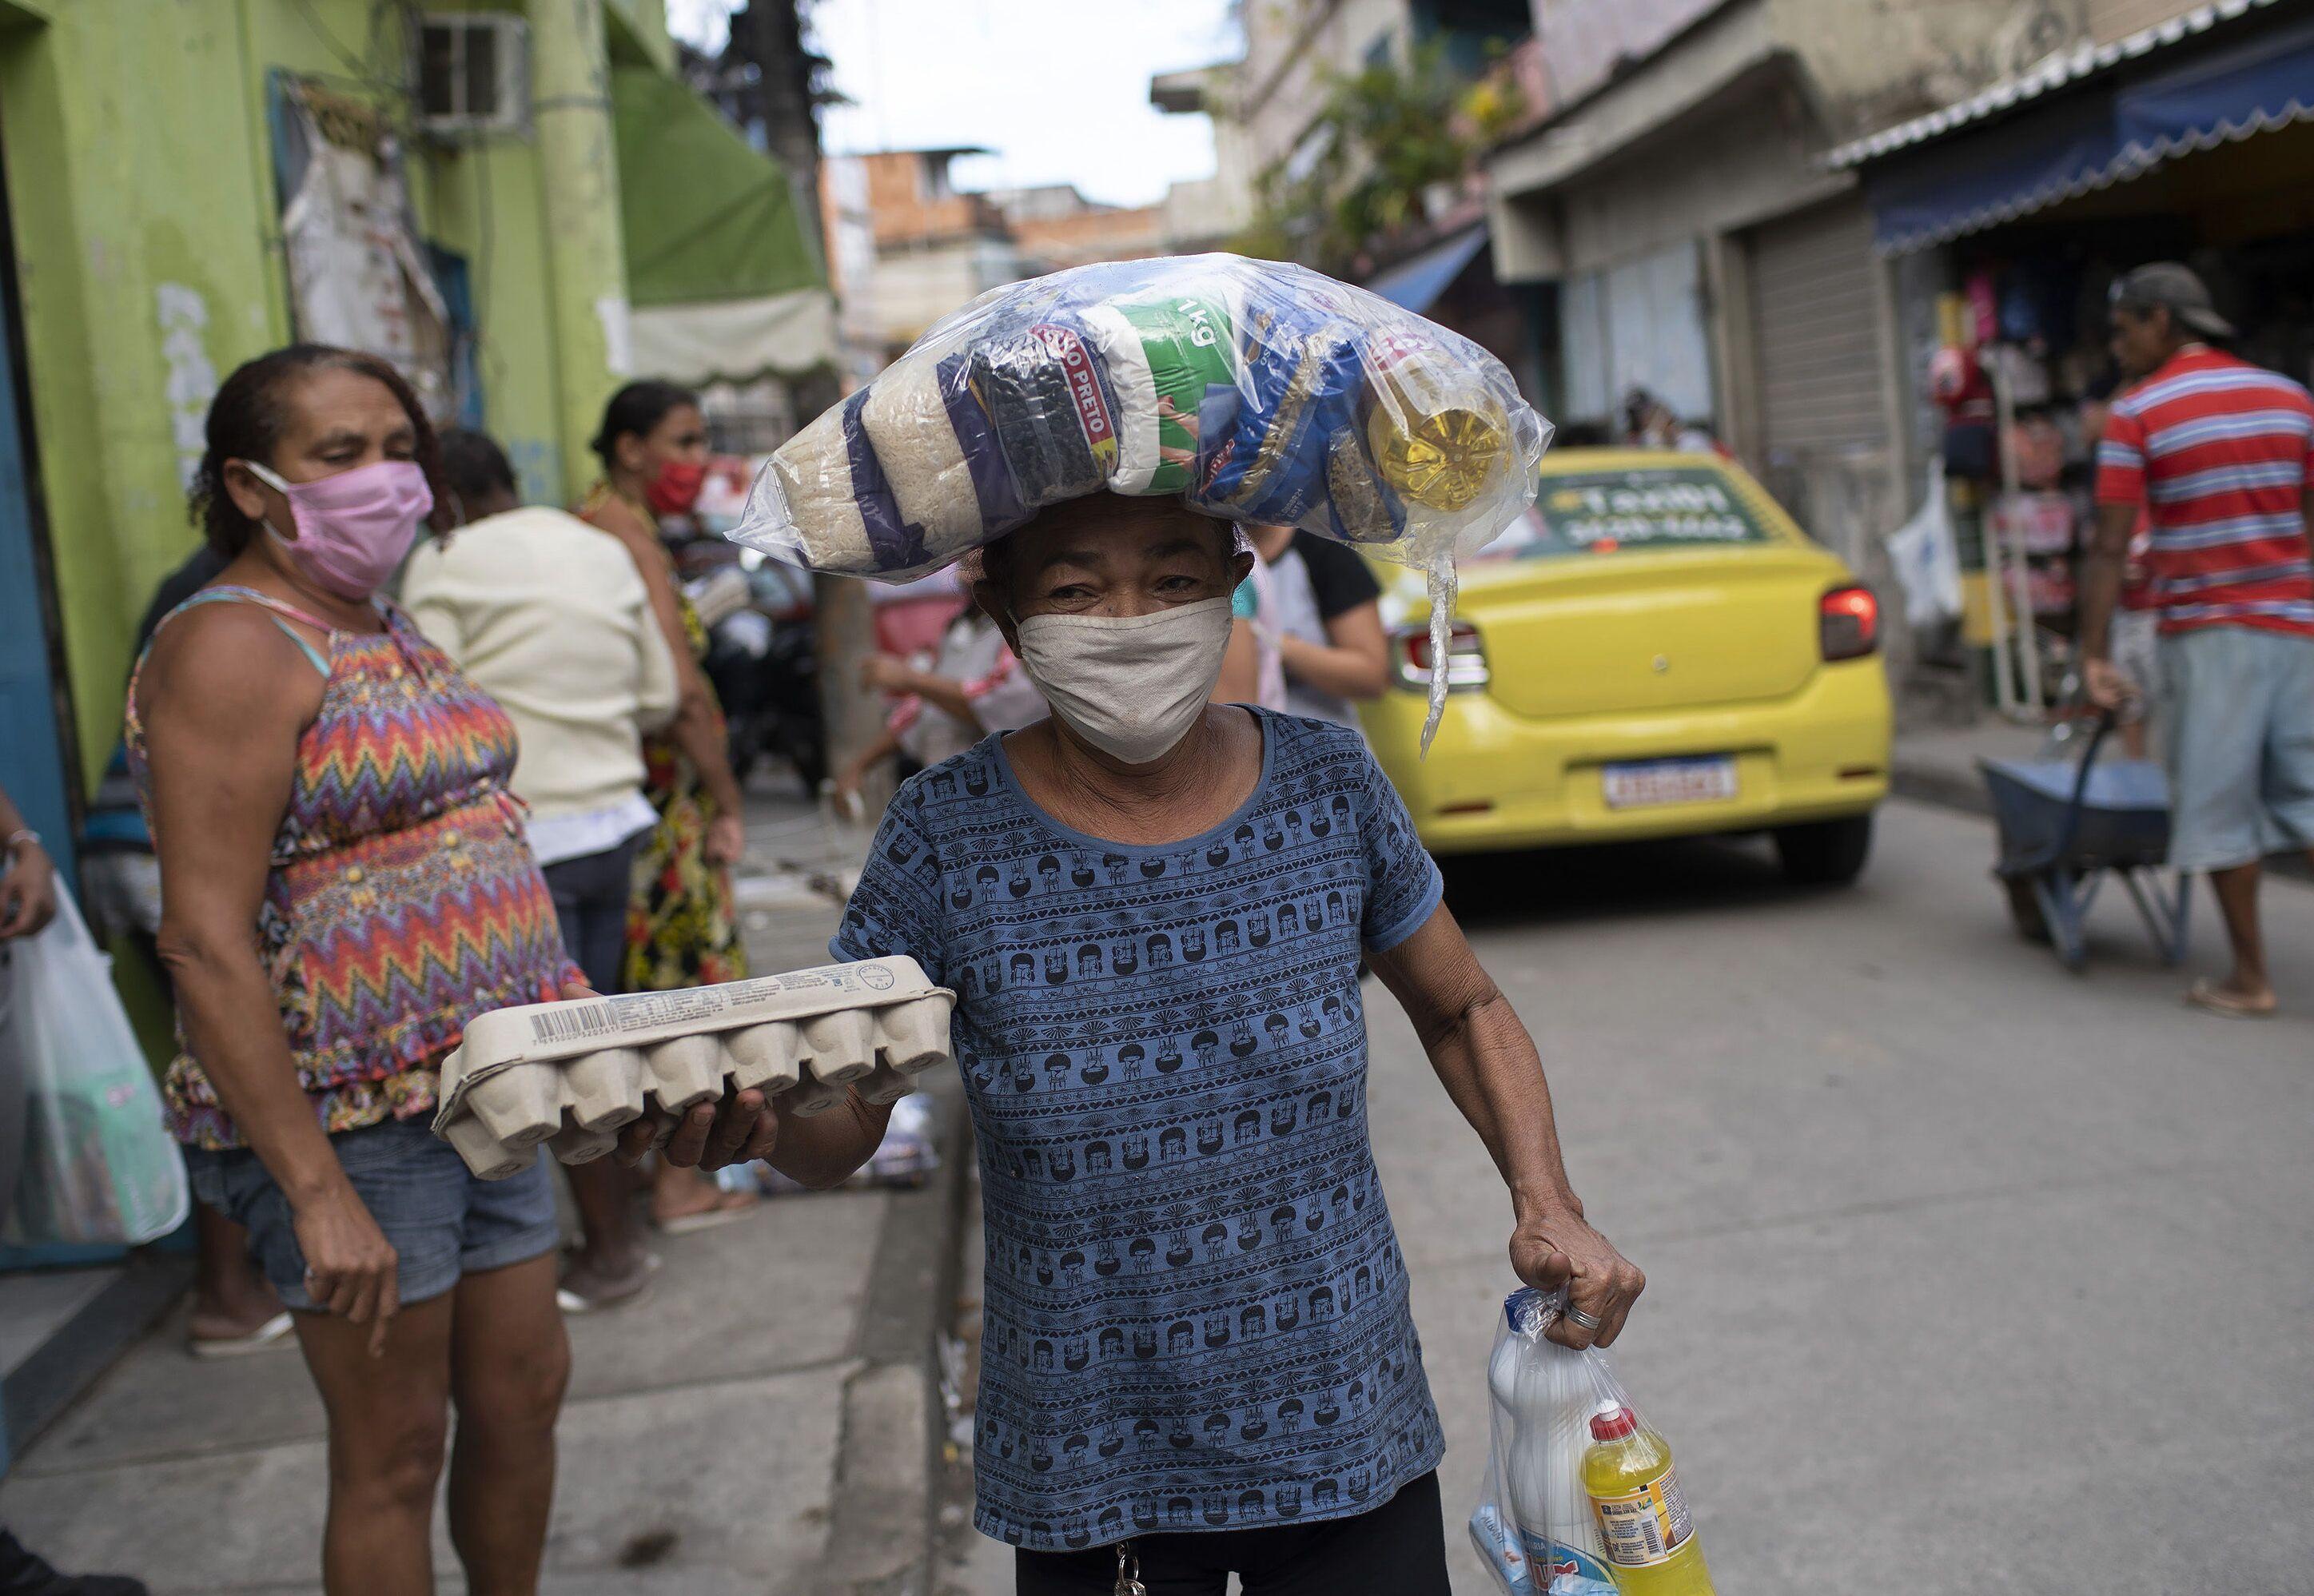 Senhora recebe alimentos doados na comunidade Pará-Pedro, Rio de Janeiro, 8 de maio de 2020 (foto de arquivo)